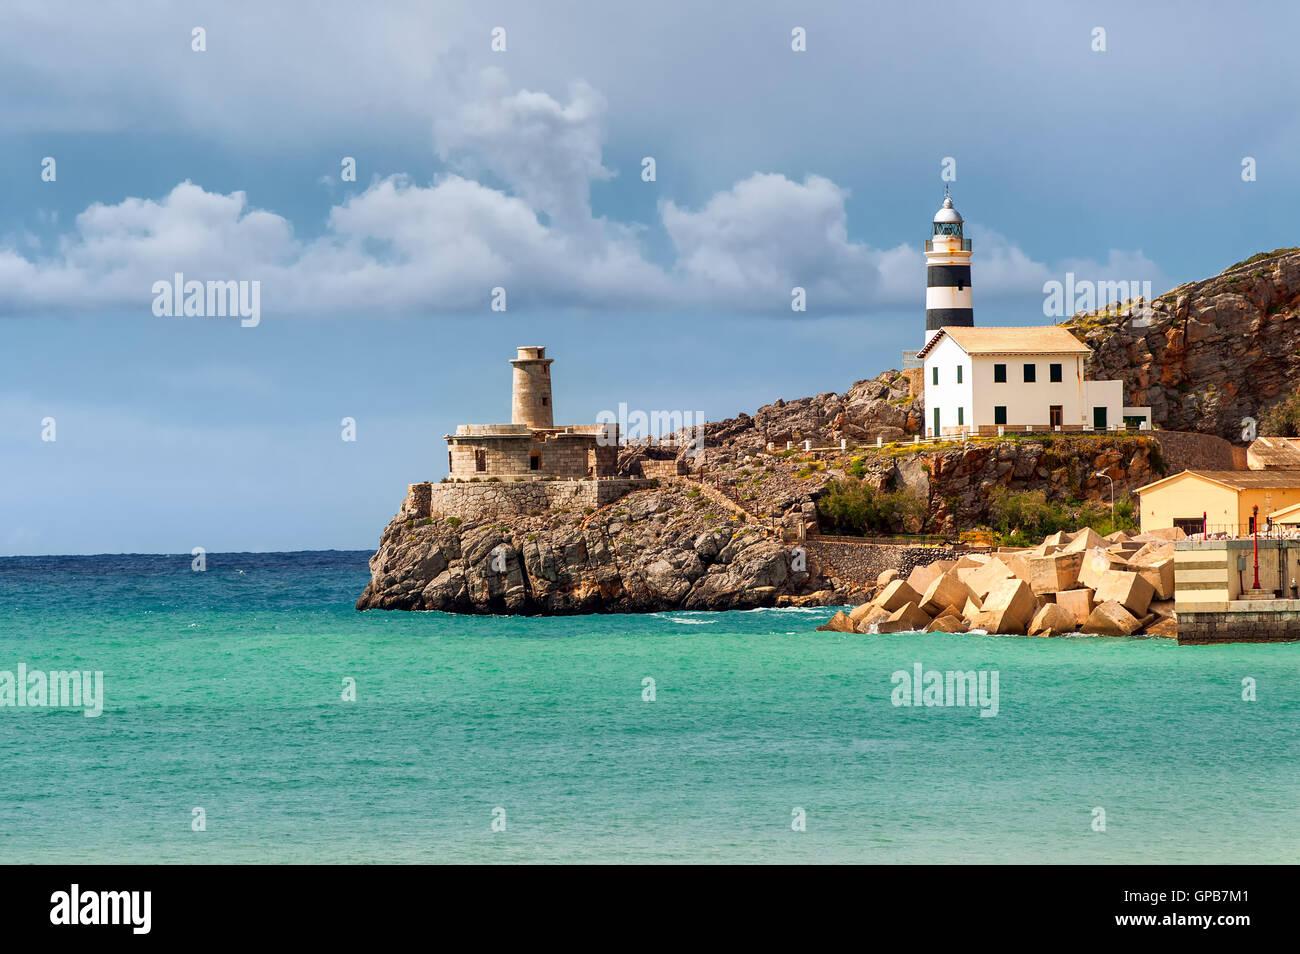 Faro de Soler, la costa del Mar Mediterráneo, Mallorca, España Imagen De Stock